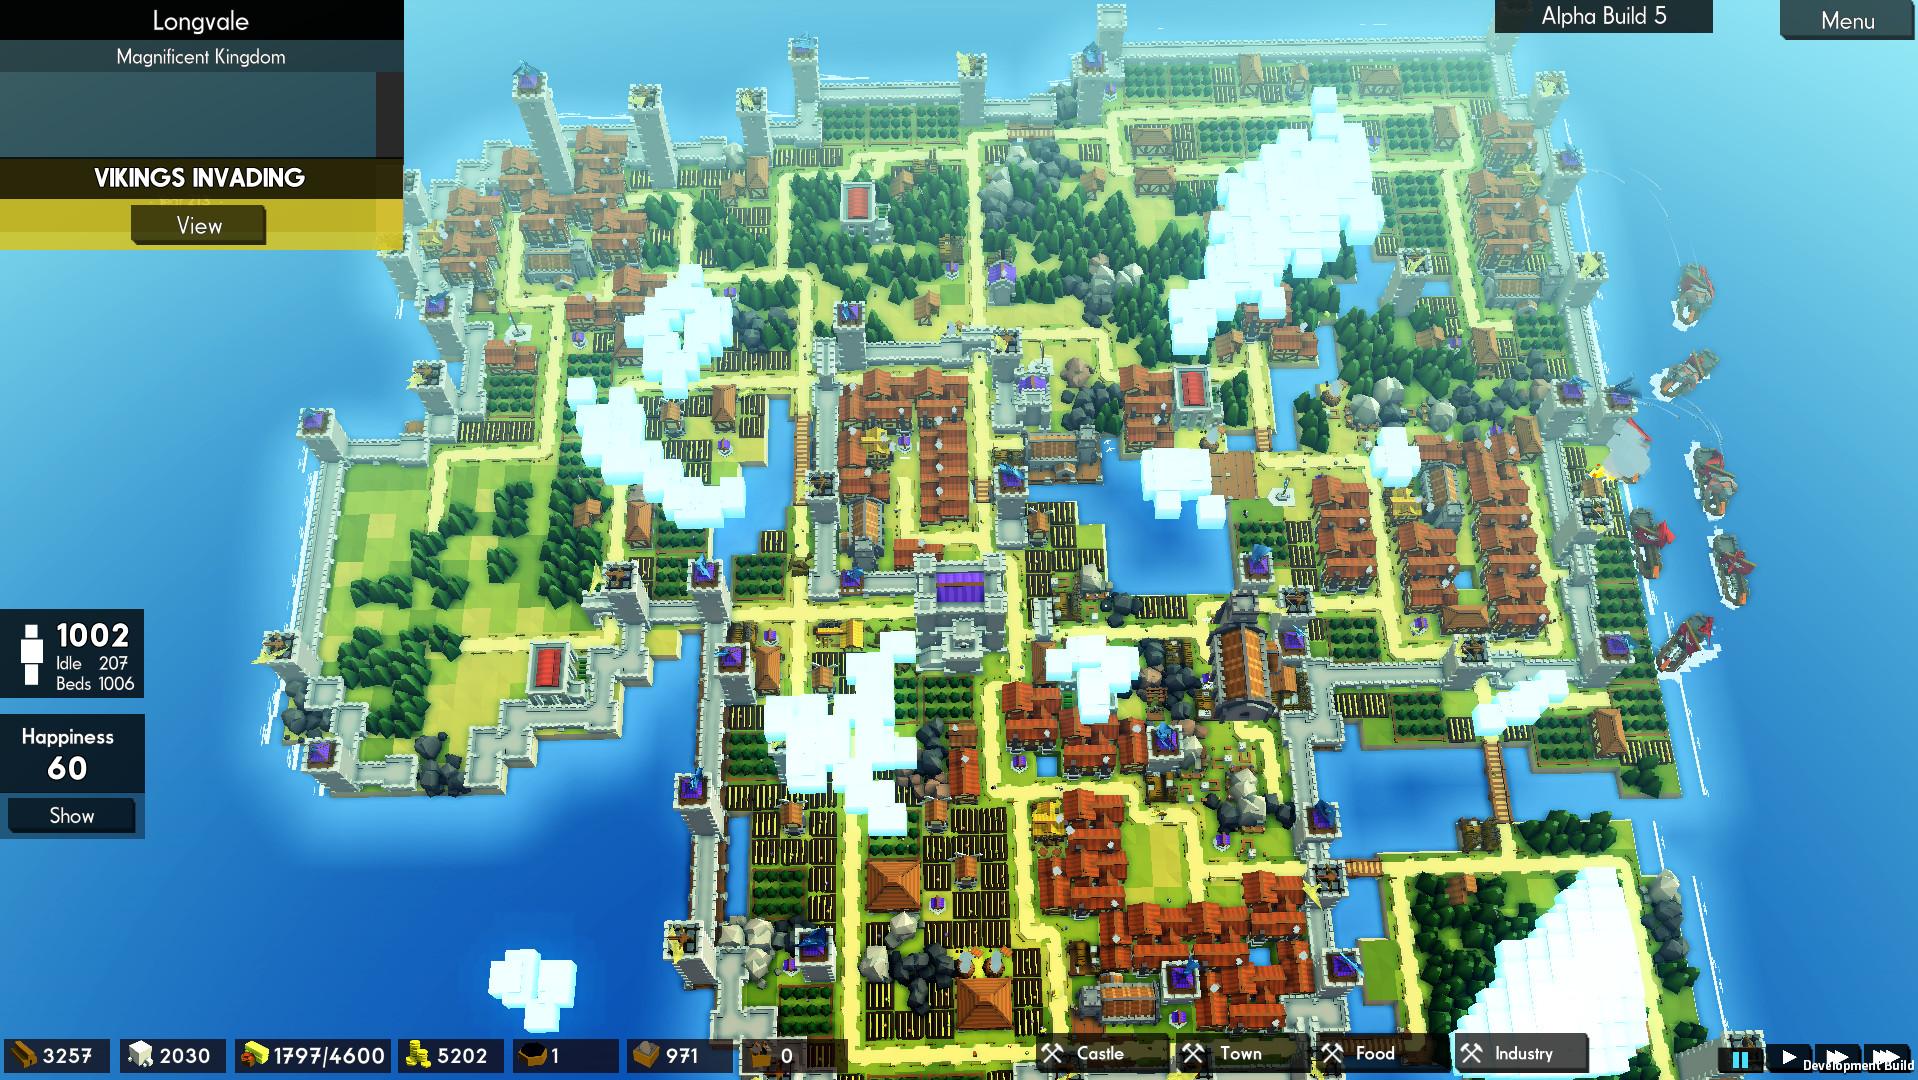 V Kingdoms and Castles budete moci budovat království od 18. července 147263